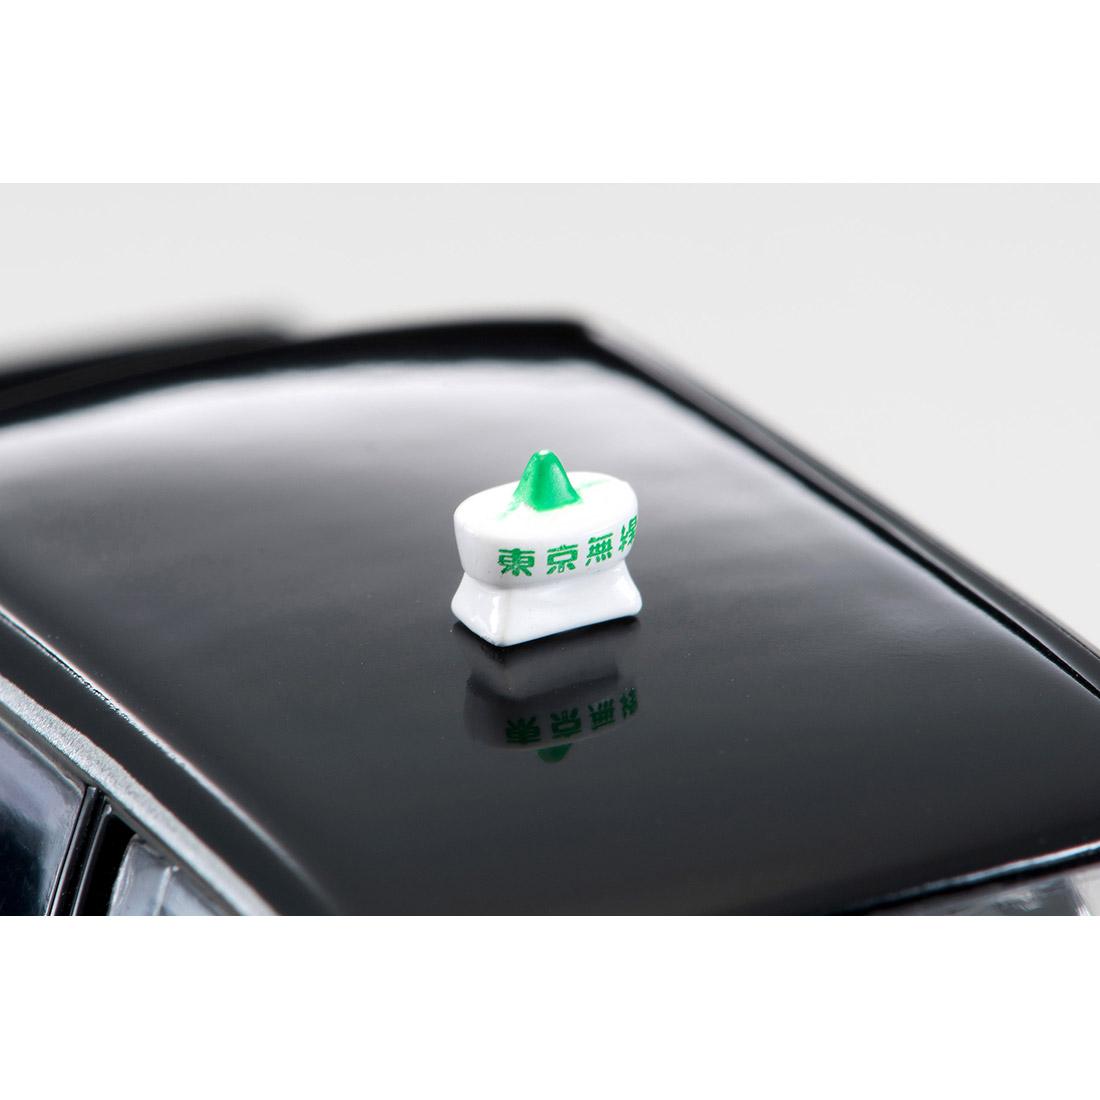 トミカリミテッド ヴィンテージ ネオ TLV-NEO『LV-N218a トヨタ クラウンコンフォート 東京無線タクシー(緑)』1/64 ミニカー-016